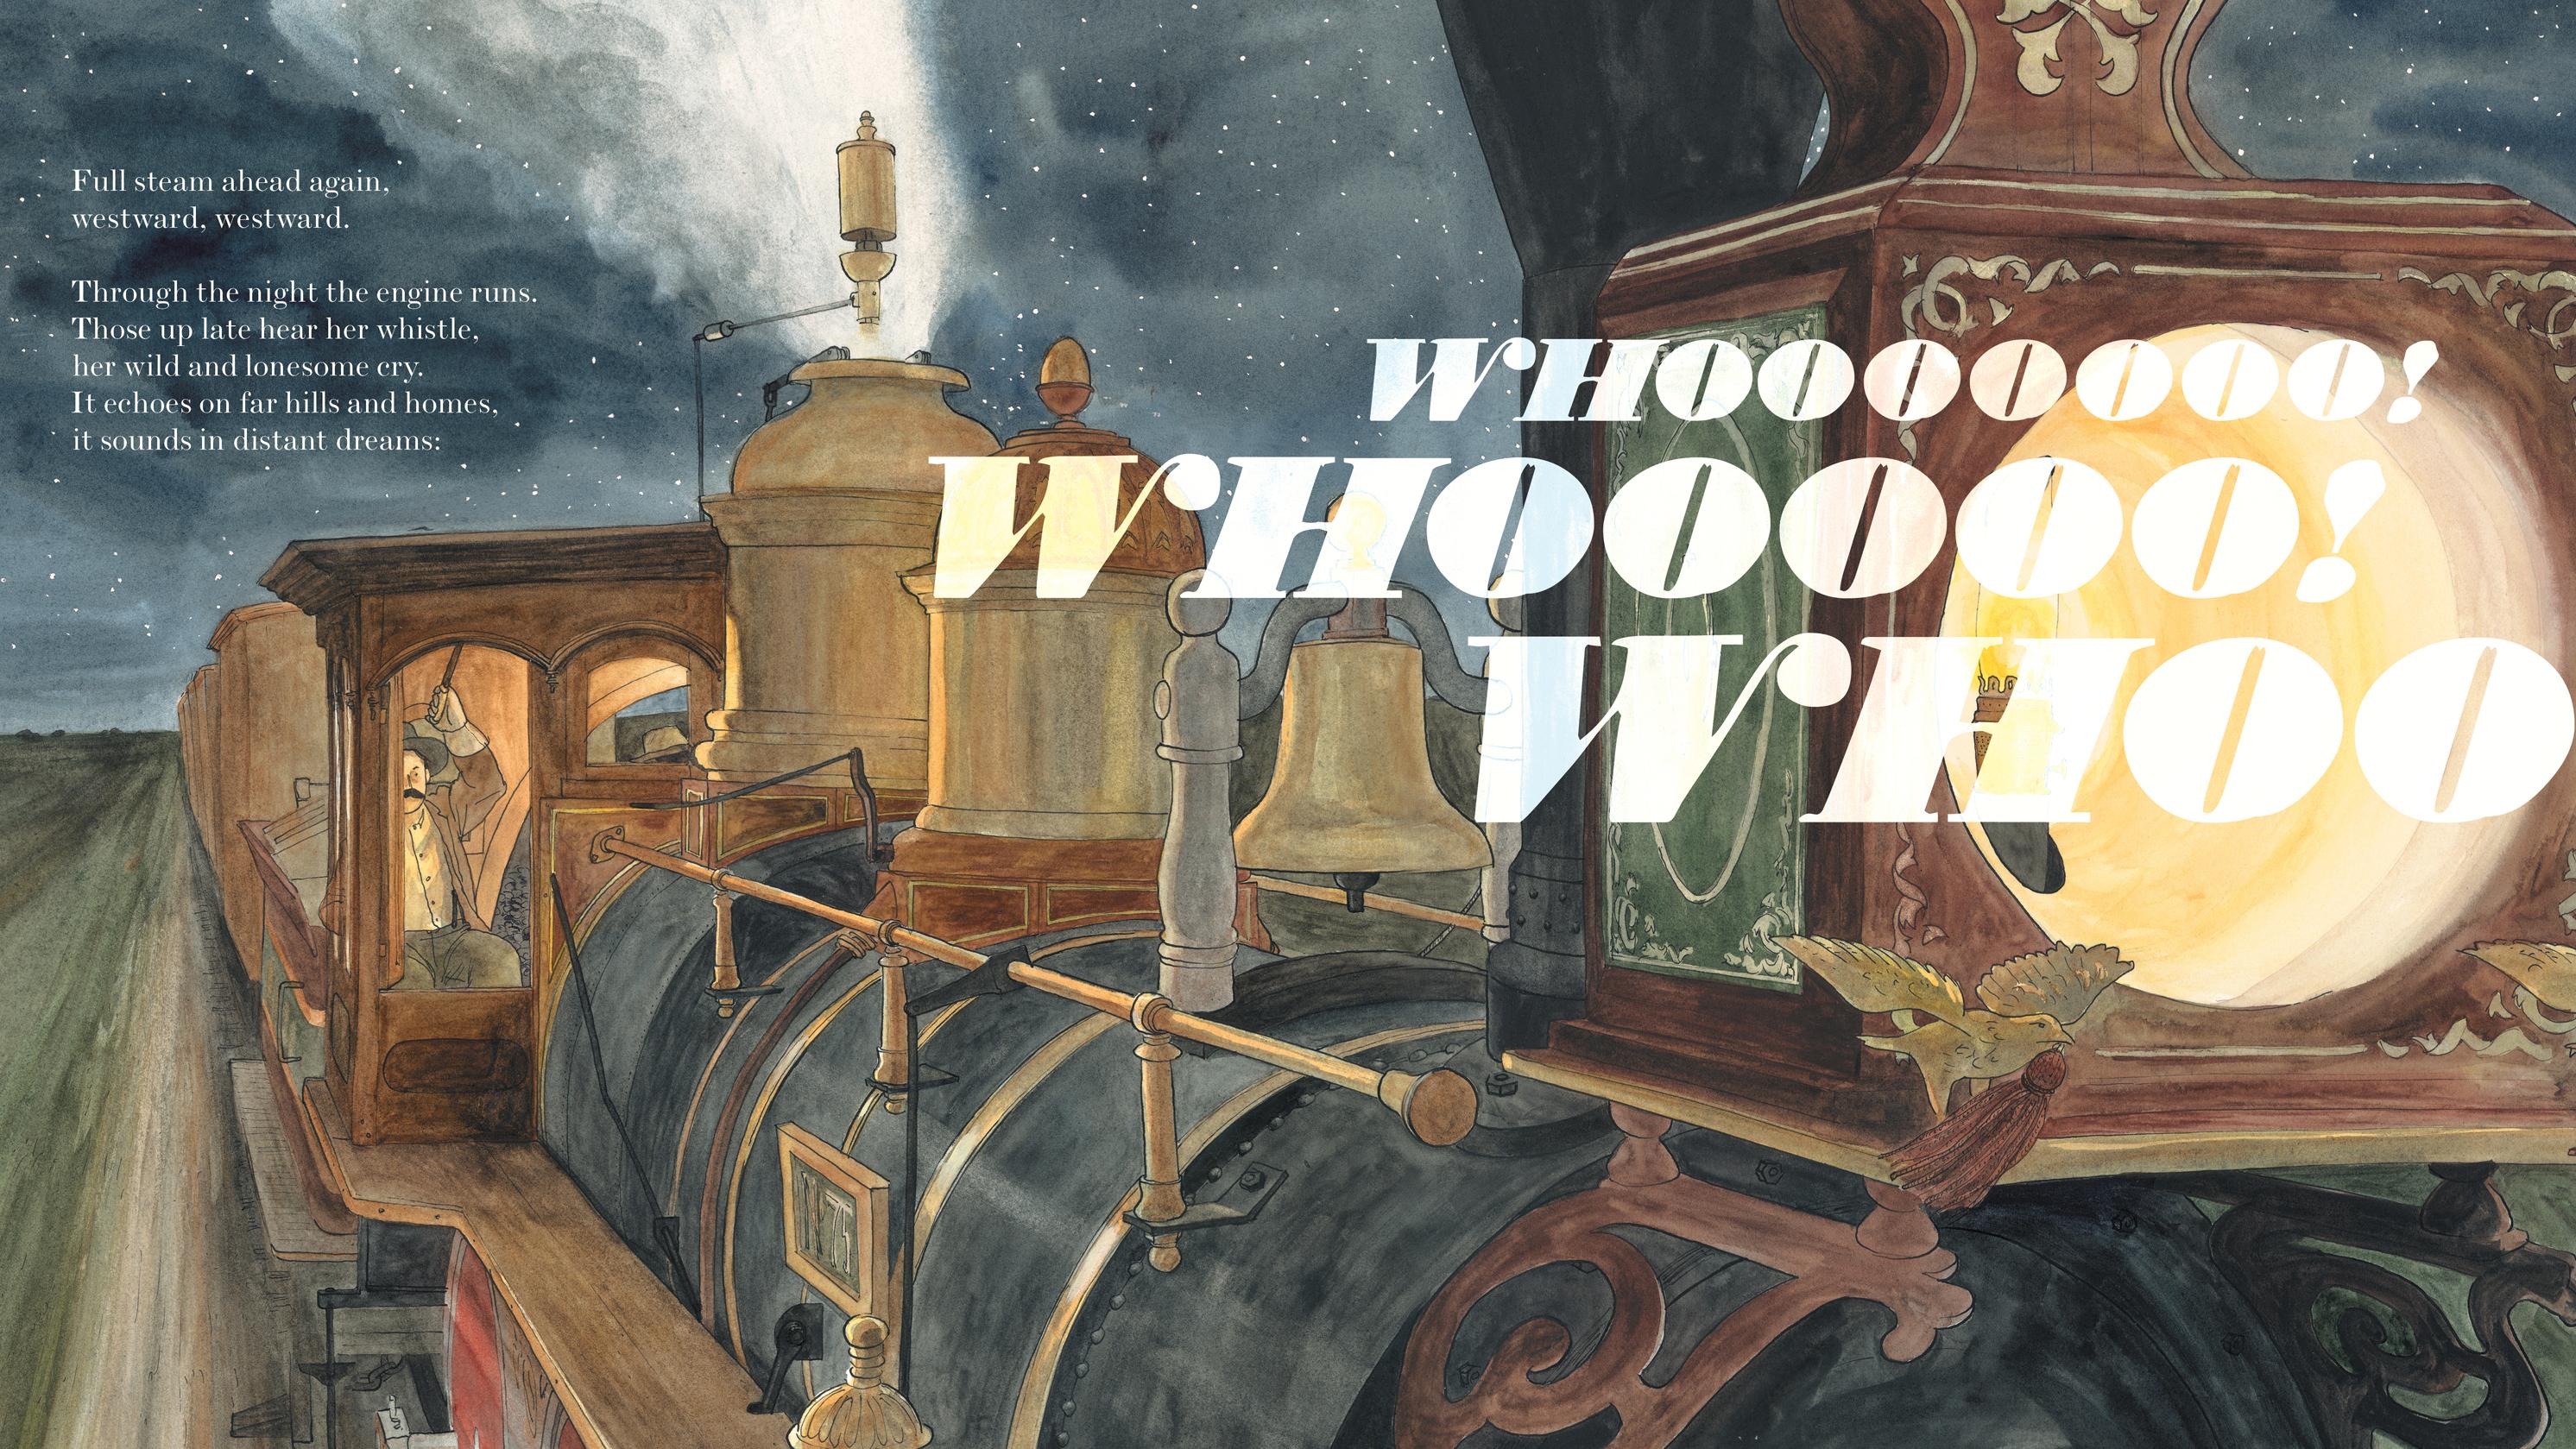 Book News: Caldecott For 'Locomotive'; Newbery For 'Flora